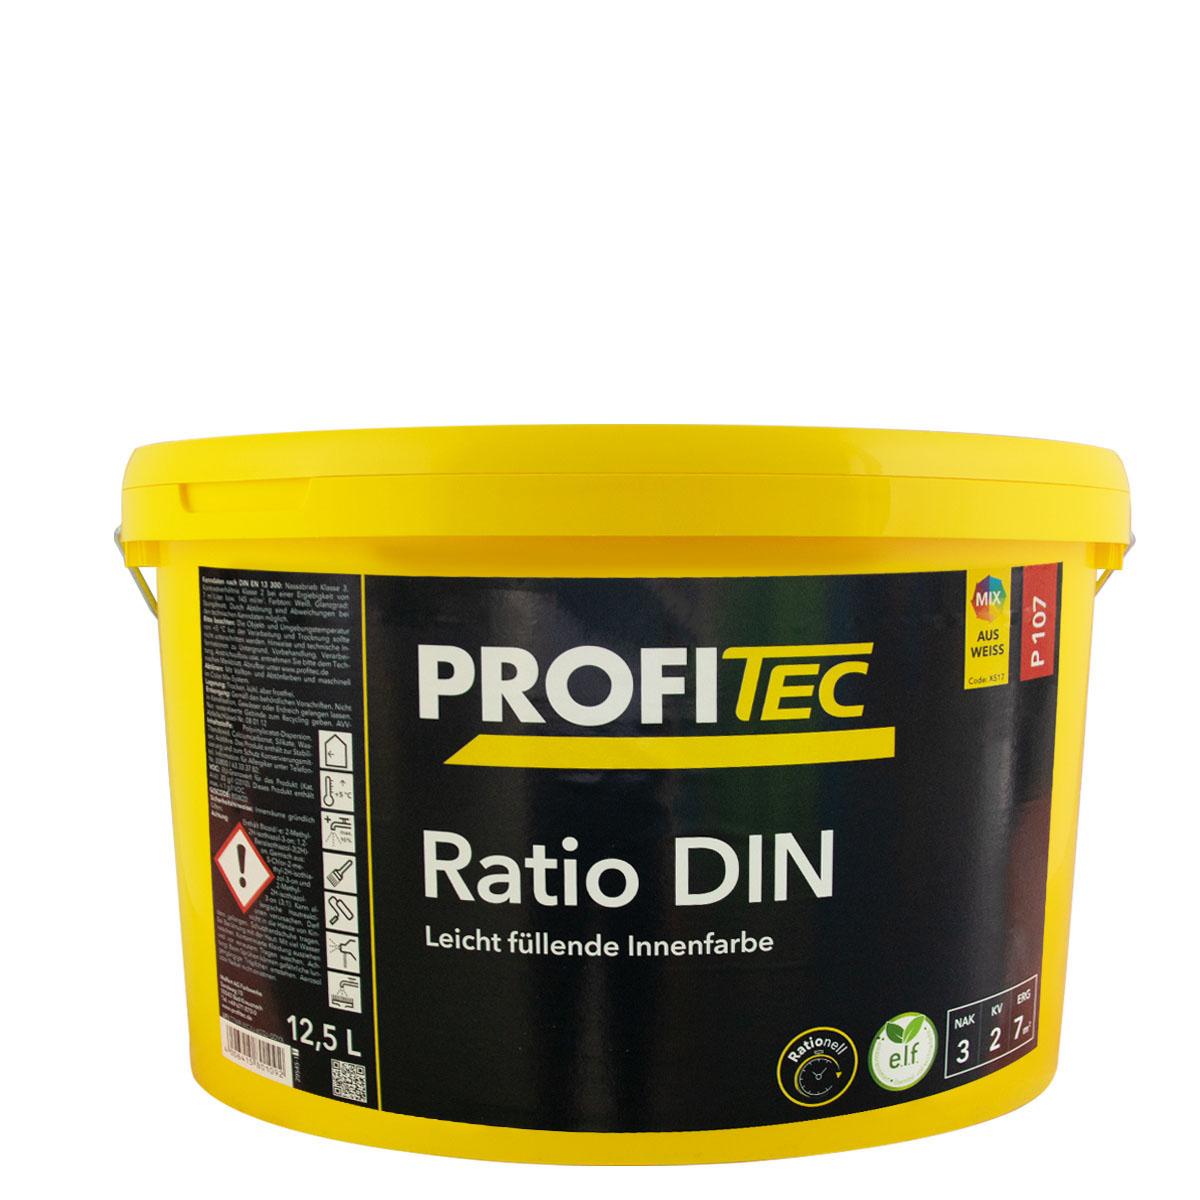 Profitec P107 RatioDin 12,5L stumpfmatt, rationelle Innenwandfarbe (alt DINweiß)